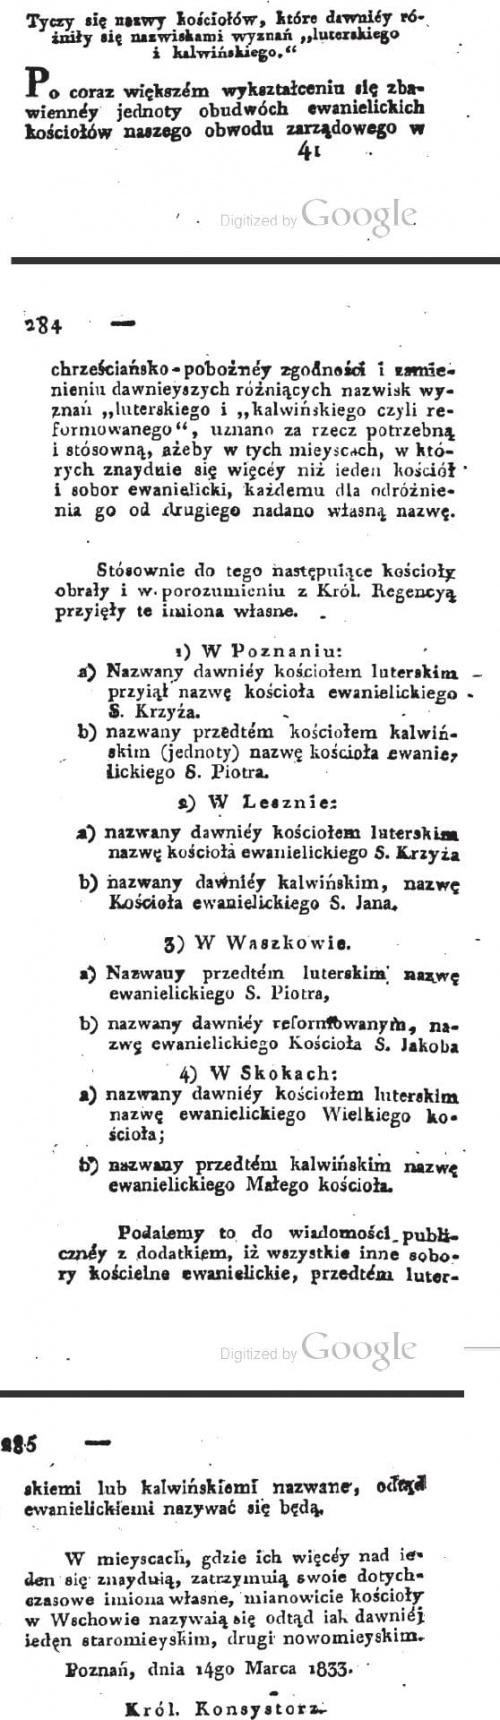 1833 Nowe nazwy kościołów wyznania Kalwińskiego i Luteranskiego